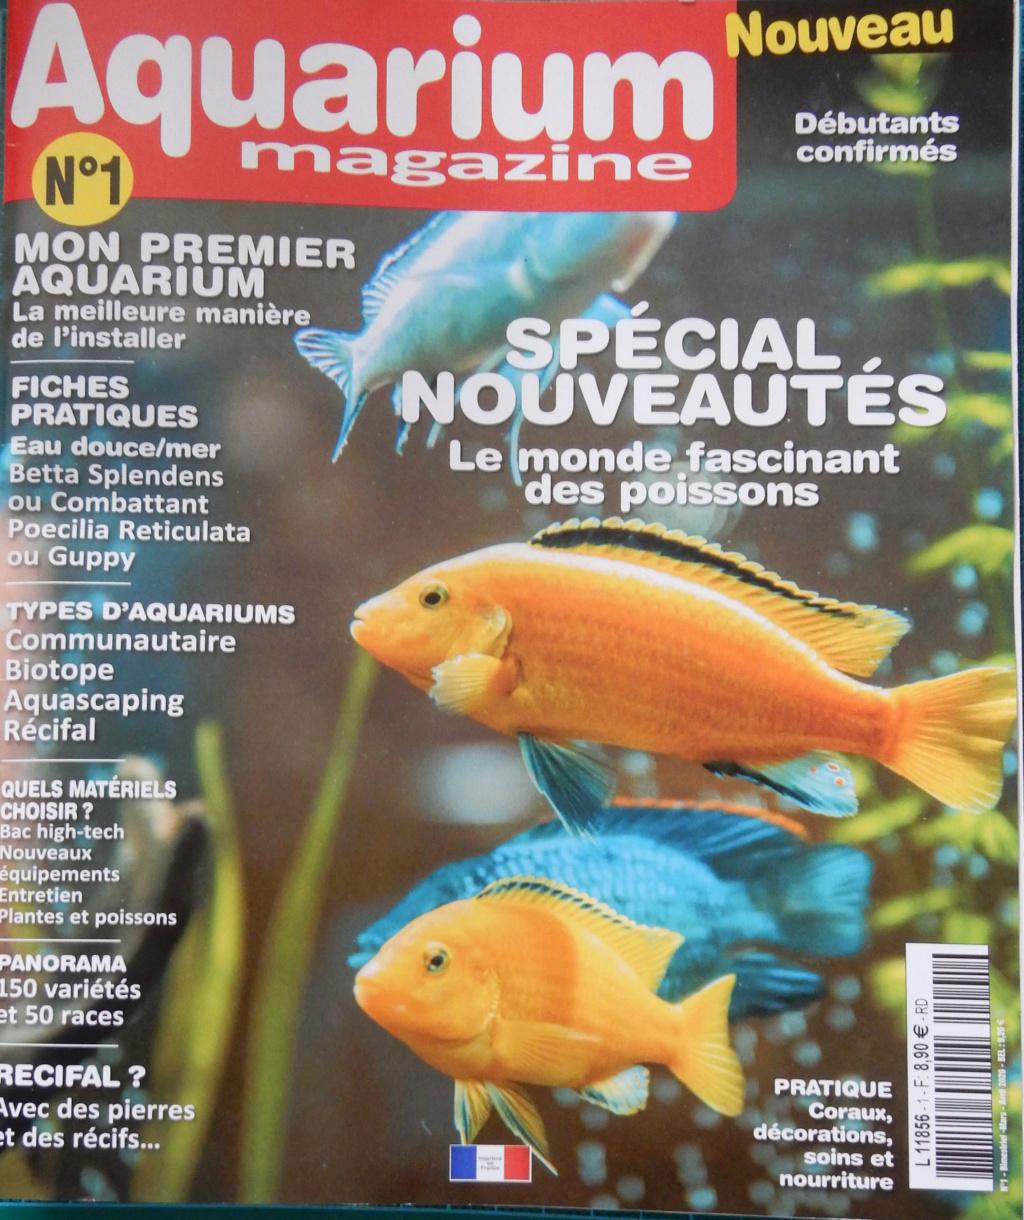 Nouveau magazine: Aquarium magazine Dscn6021